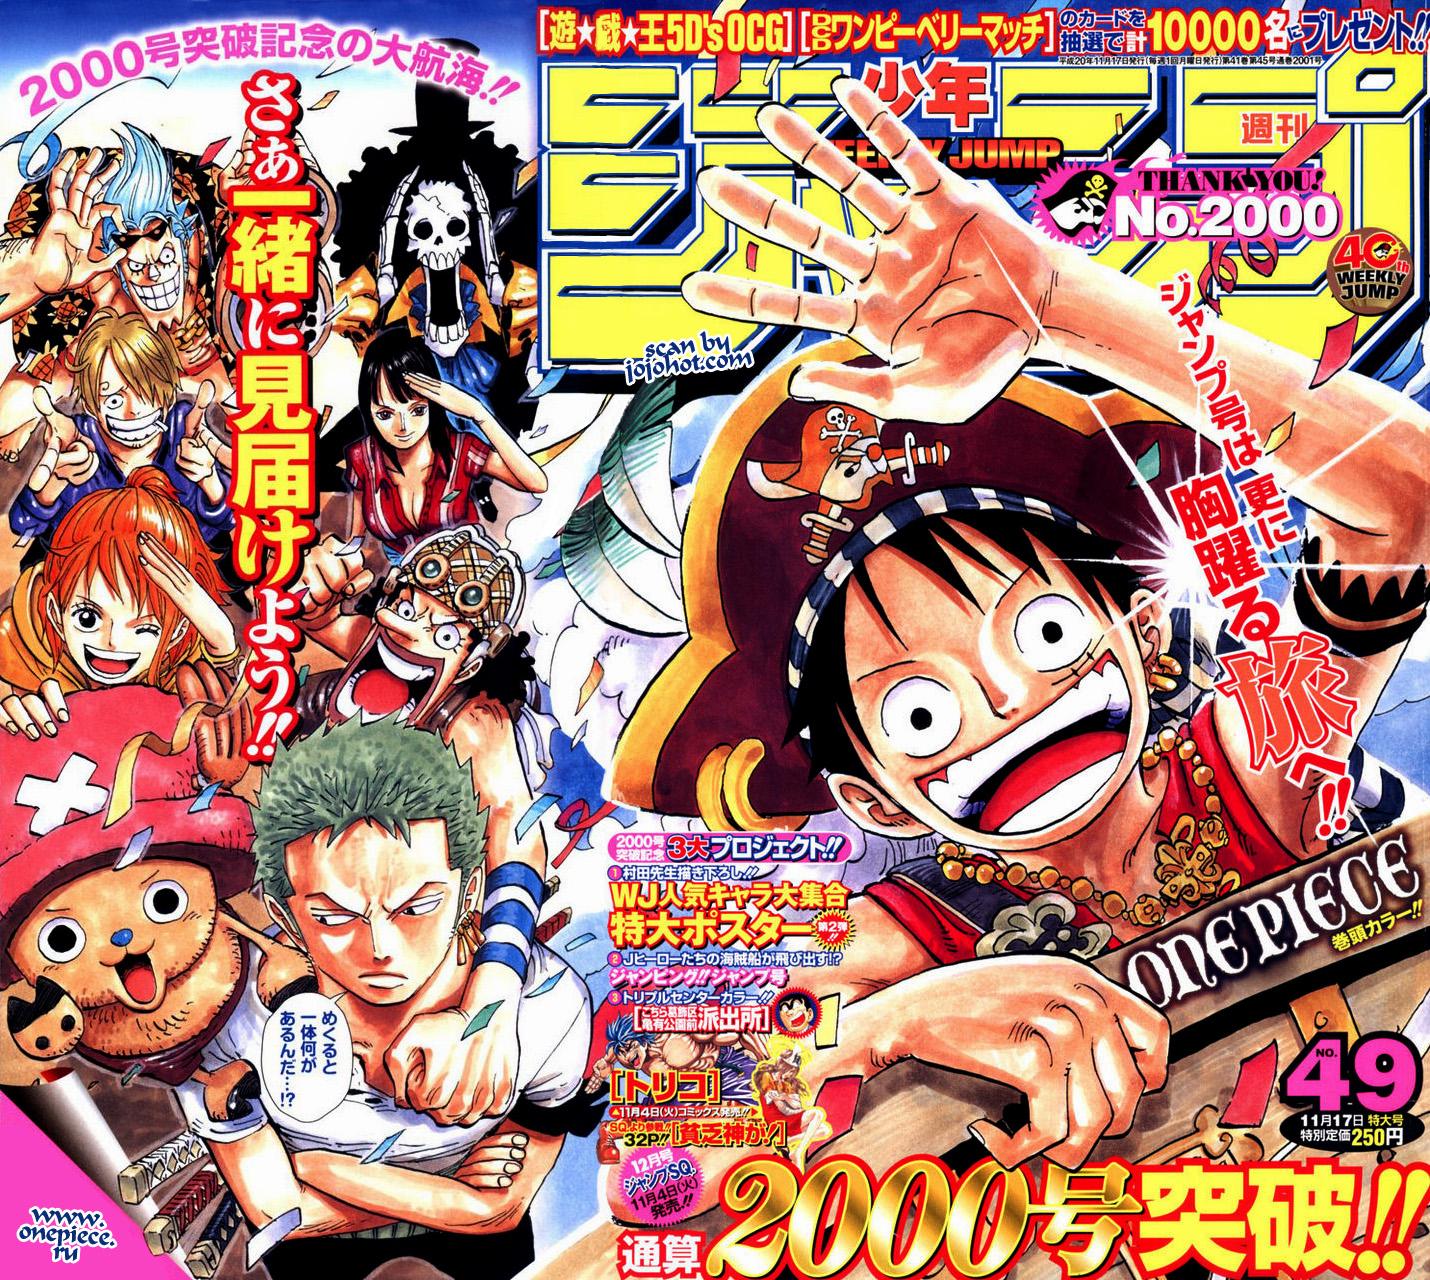 Манга One Piece / Ван Пис Манга One Piece Глава # 520 - Глаза Горгон, страница 1